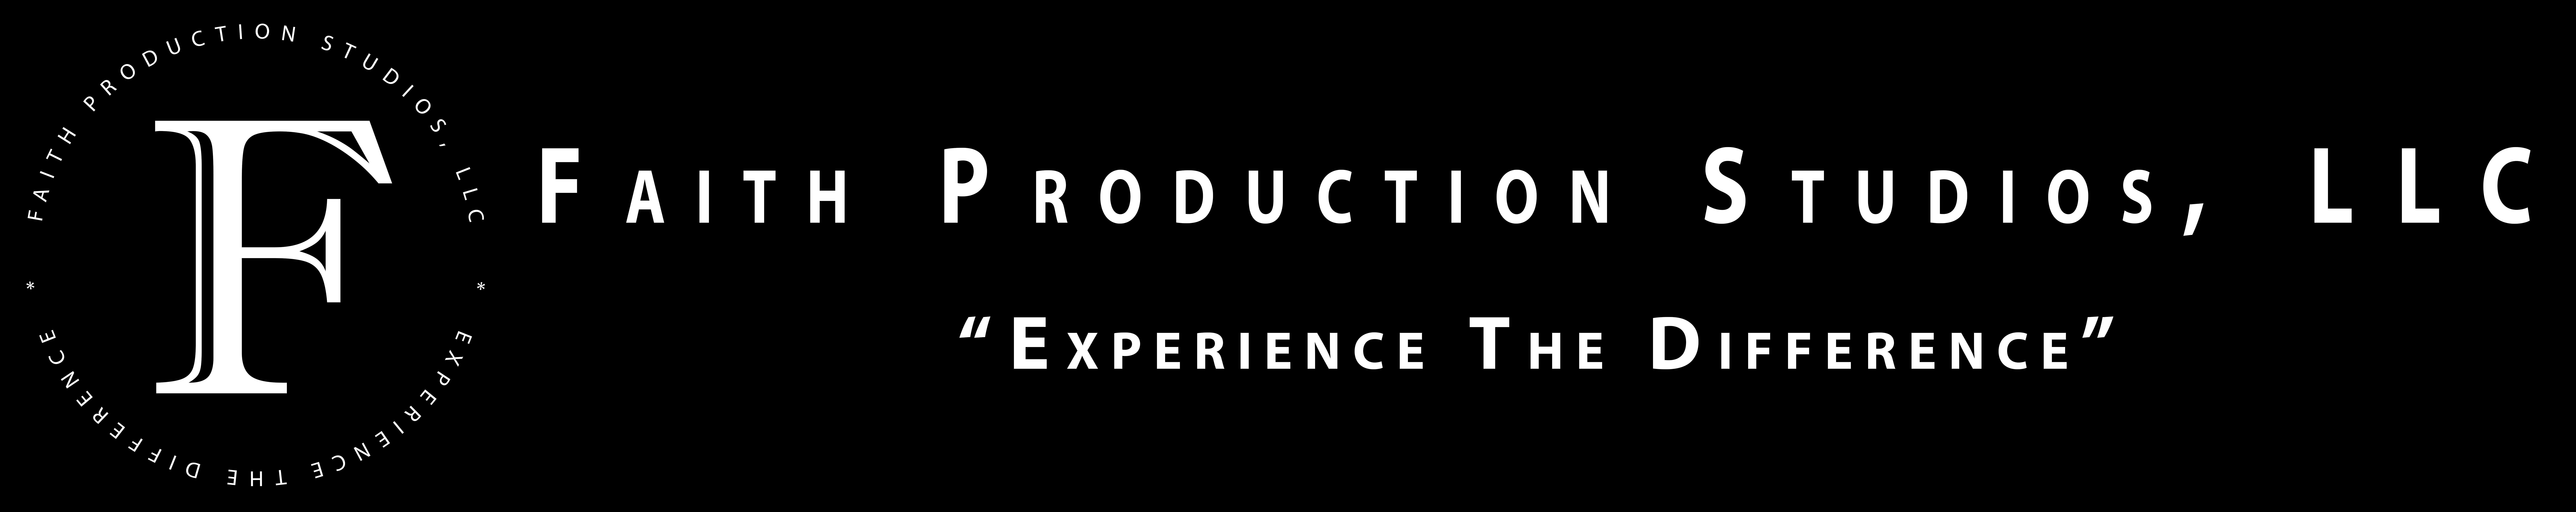 Faith Production Studios